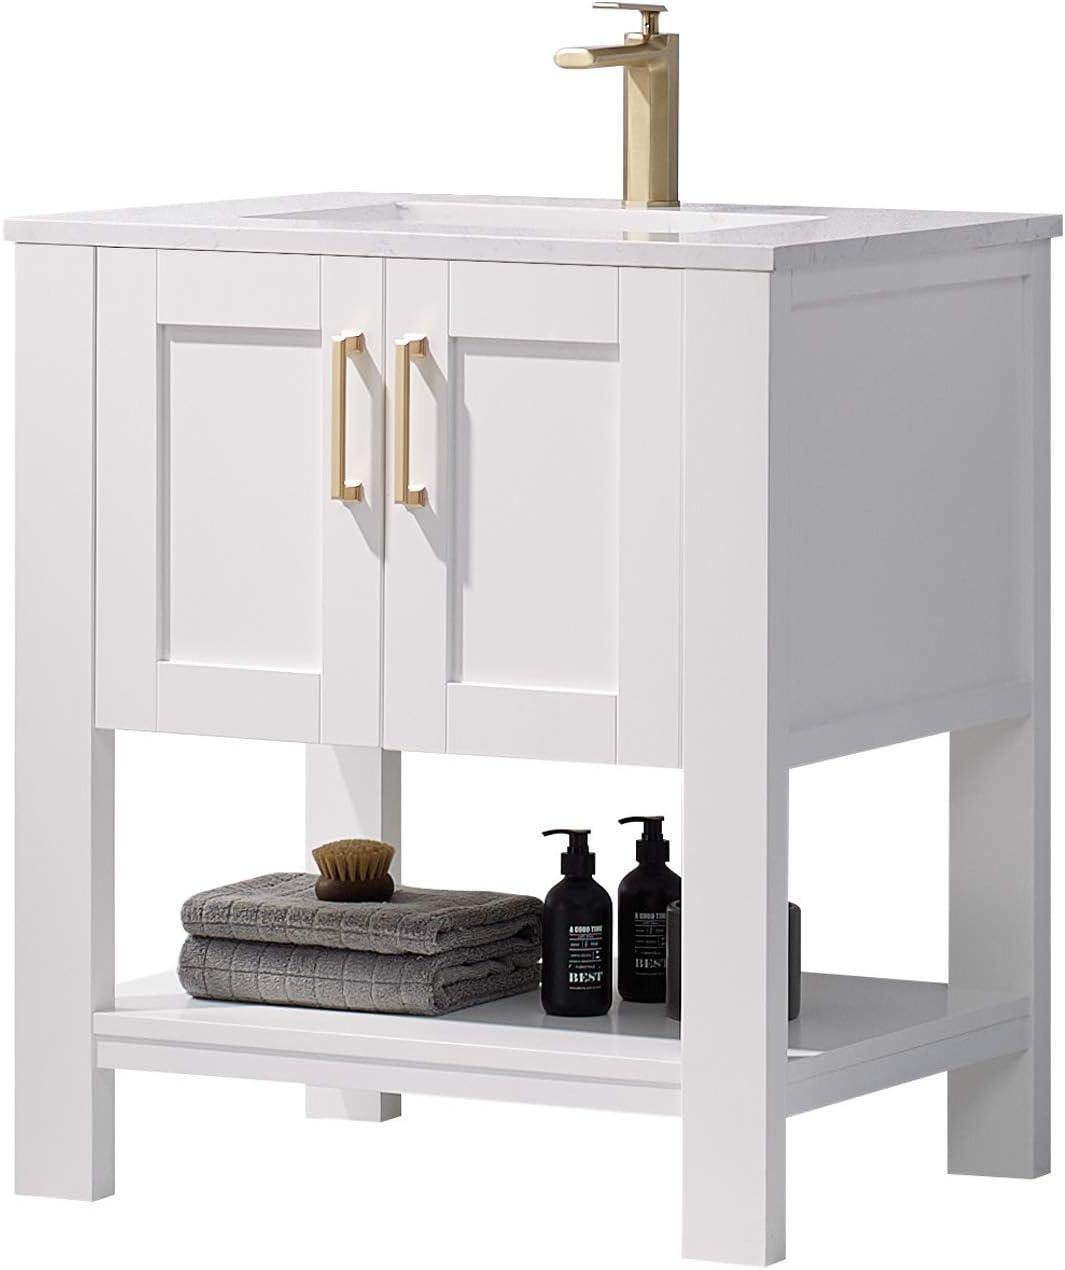 Free Amazon Promo Code 2020 for Bathroom Vanity and Sink Combo